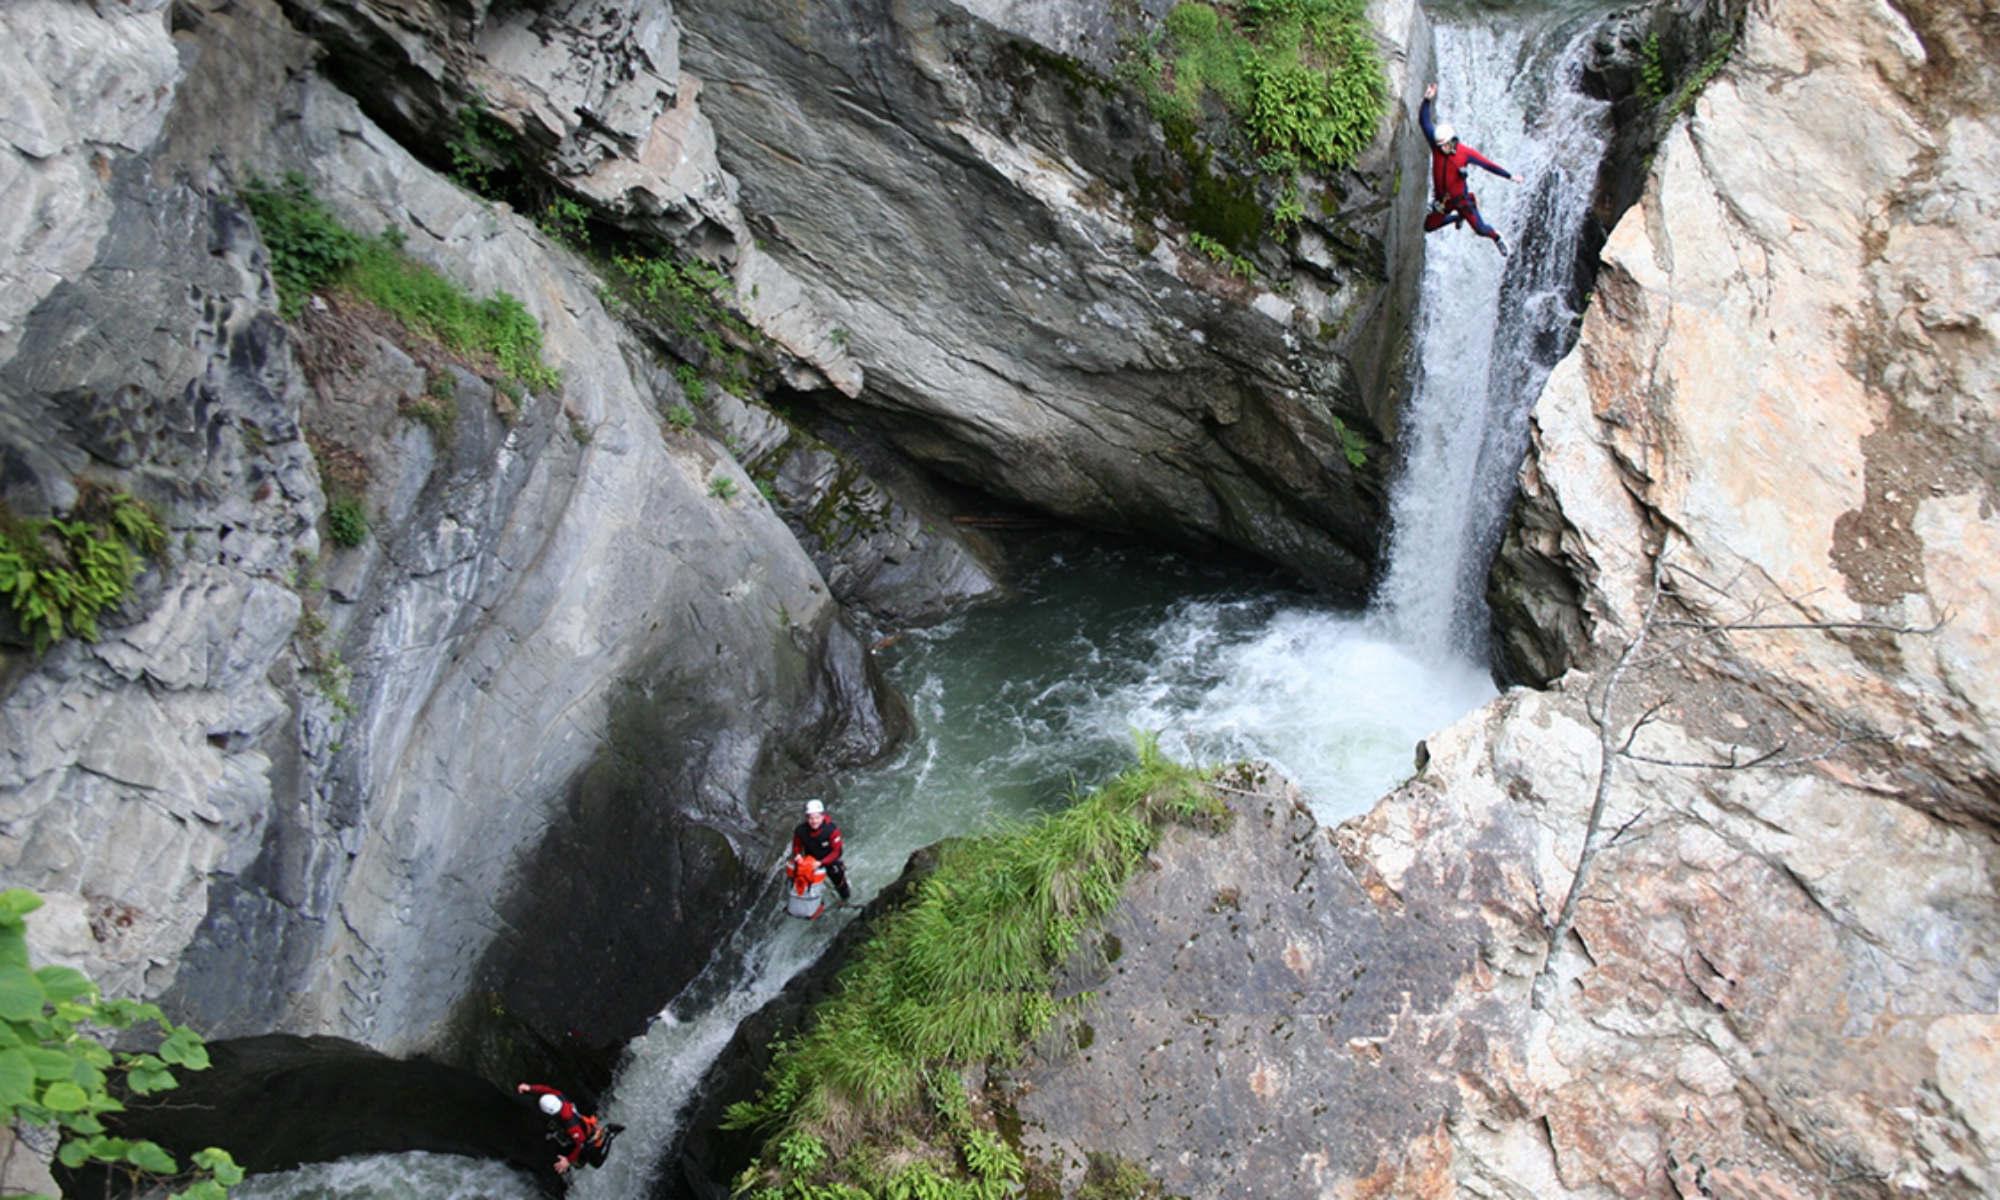 3 canyonistes dans les cascades de l'Auerklamm en Autriche.